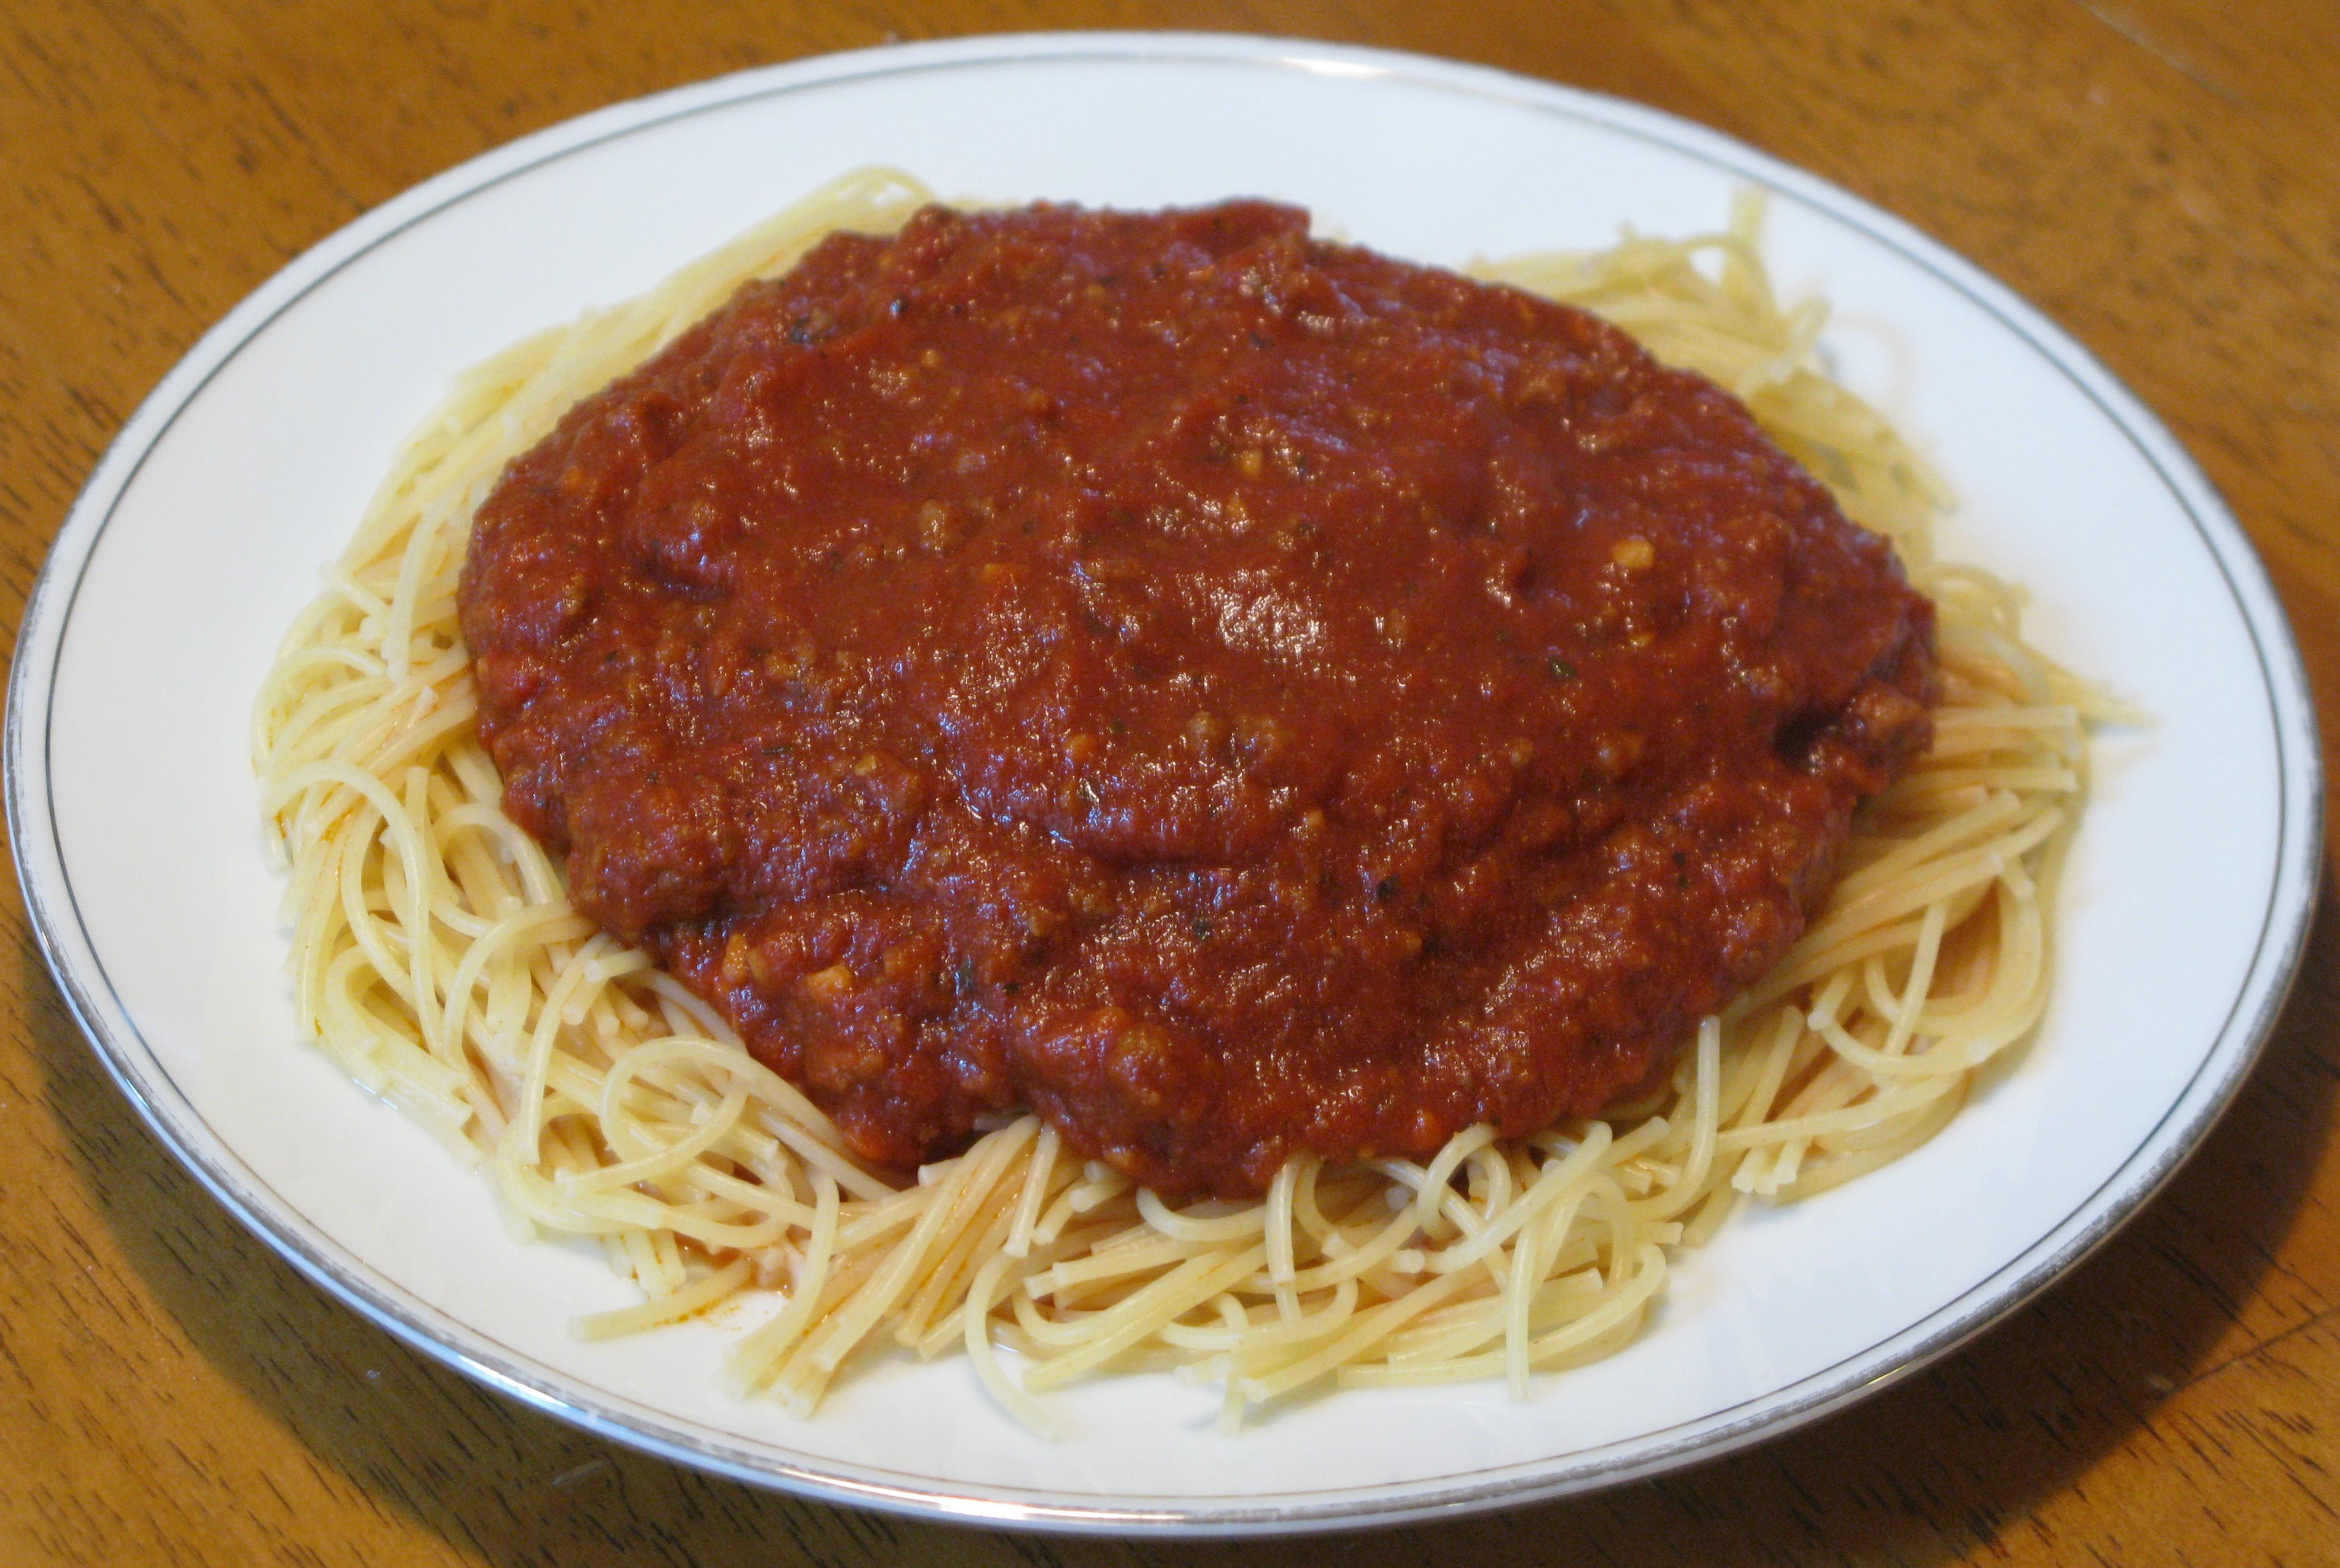 how to make spaghetti sauce using tomato paste